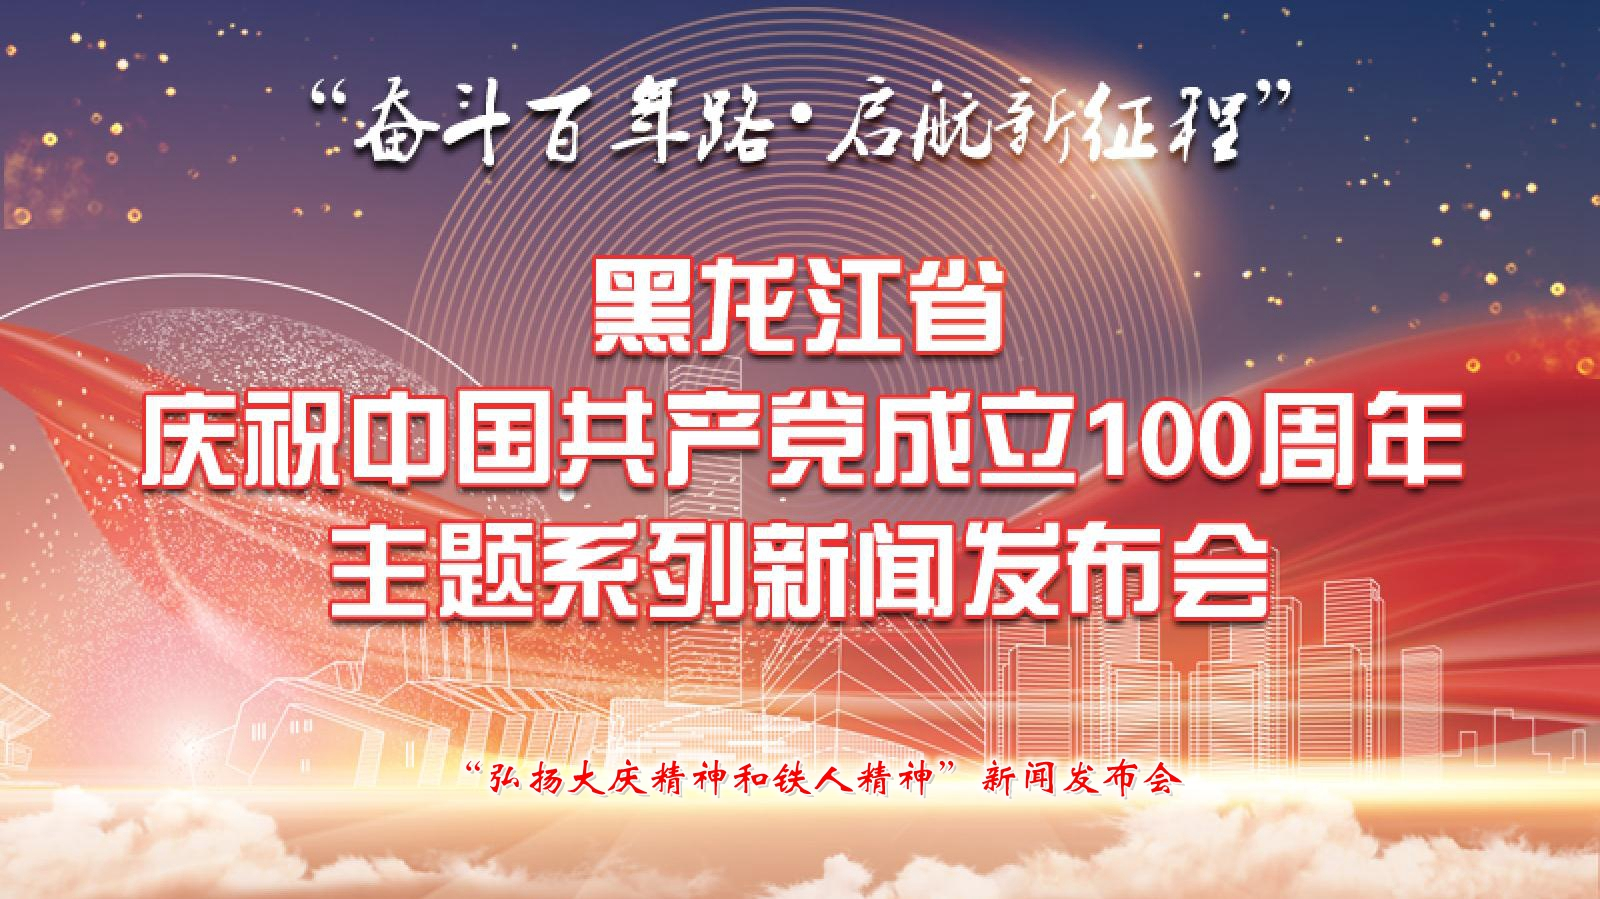 """""""弘揚大慶精神和鐵人精神""""新聞發布會"""